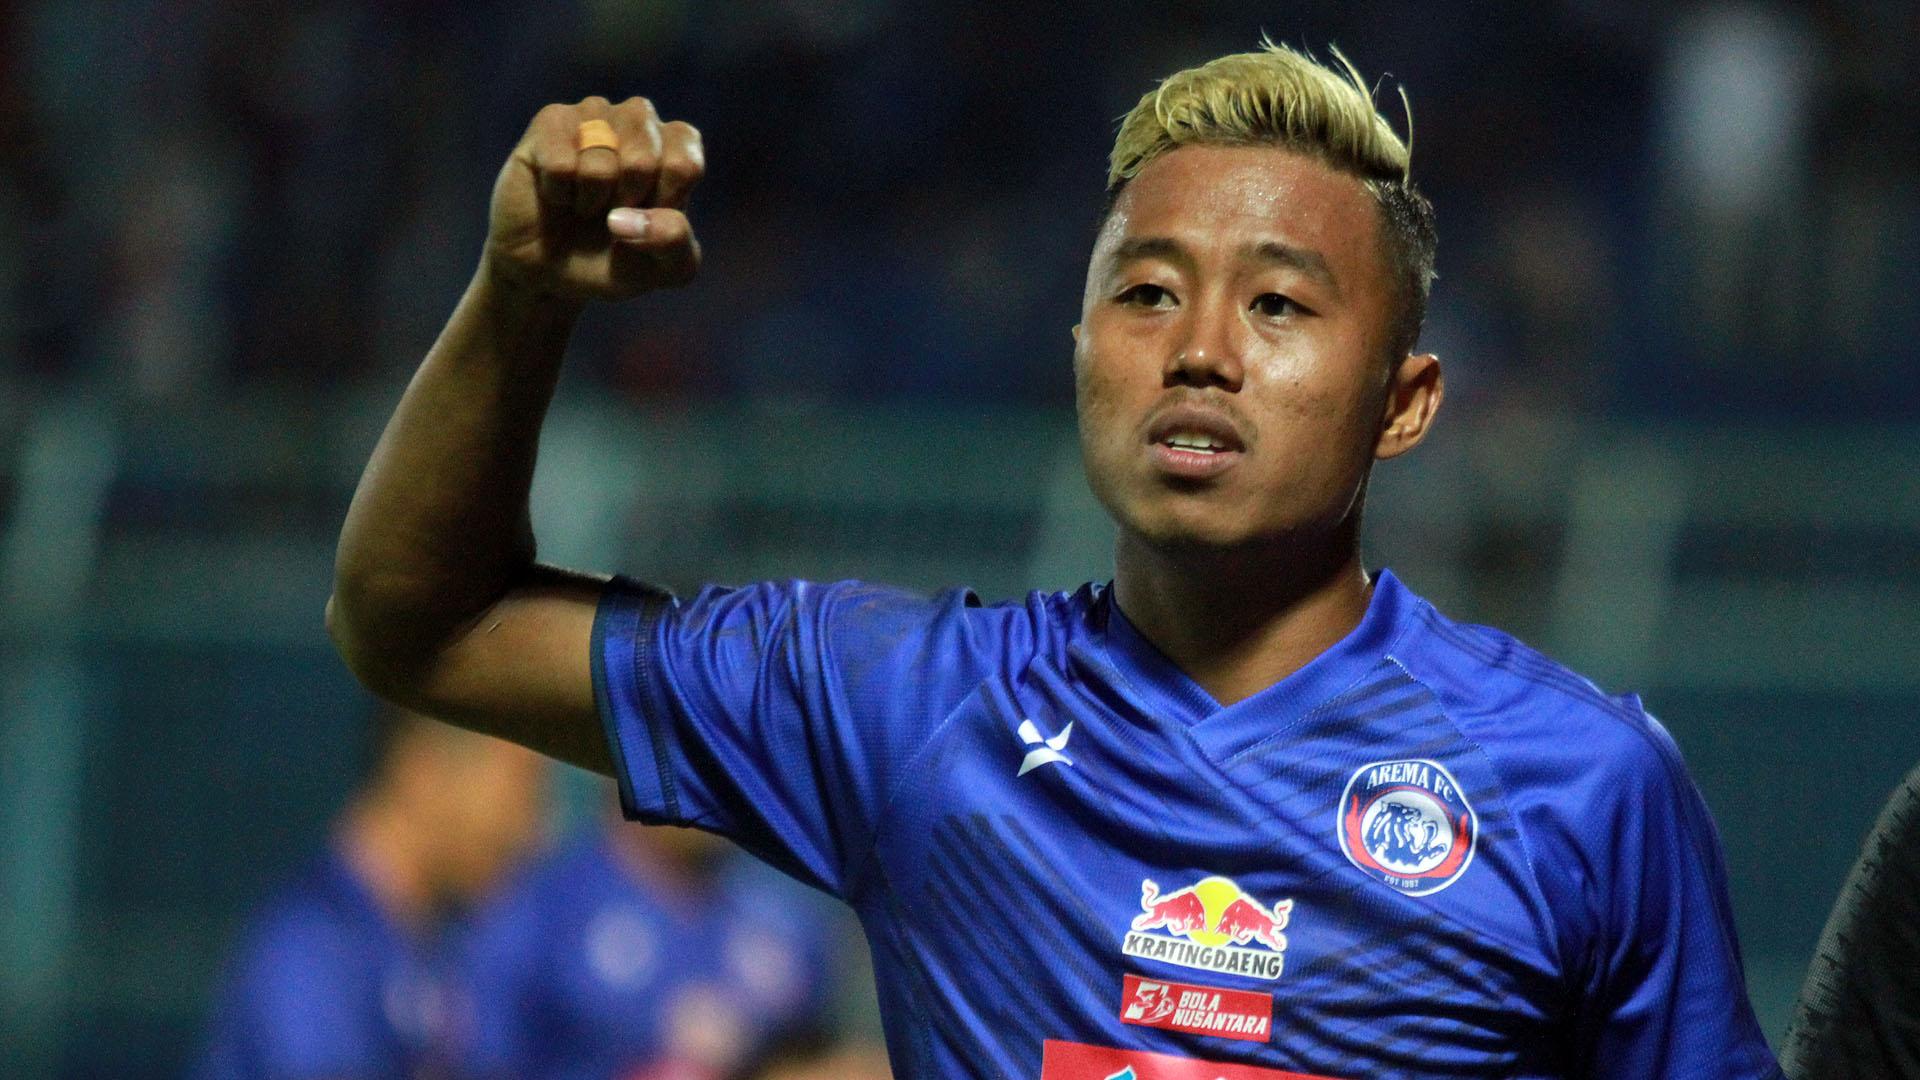 Striker Arema FC Soal Nilai Kontrak Kena Potong: Mau Tidak Mau, Harus Mau |  Goal.com